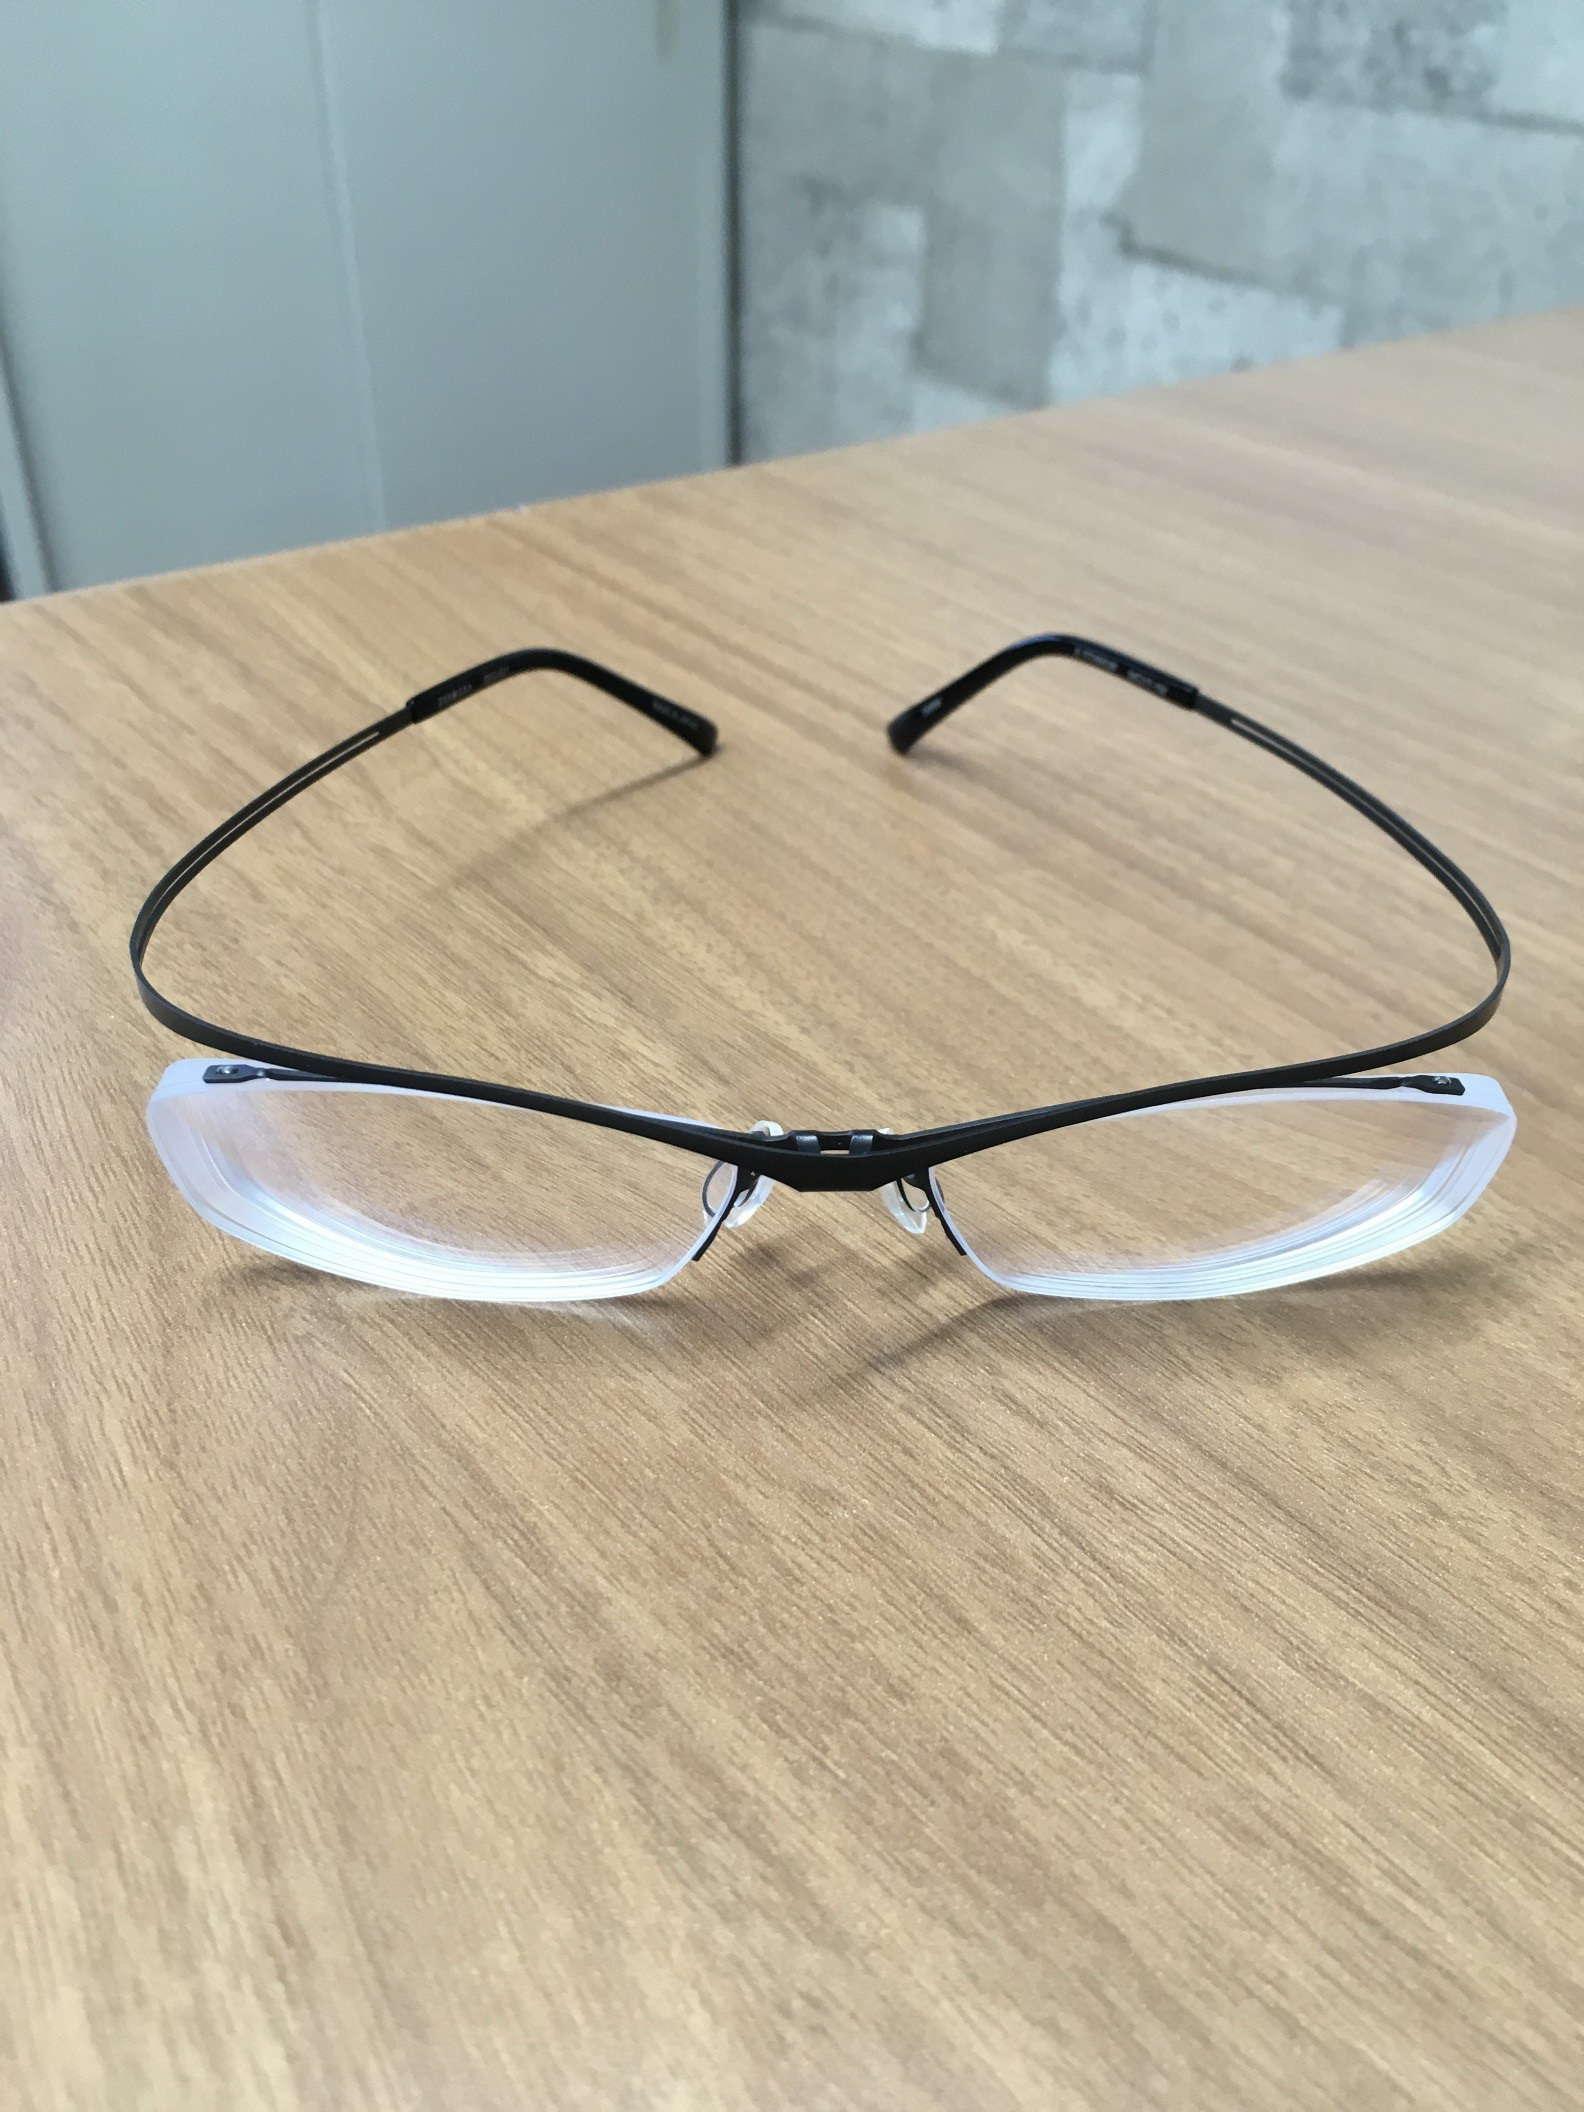 image 眼鏡へのこだわり